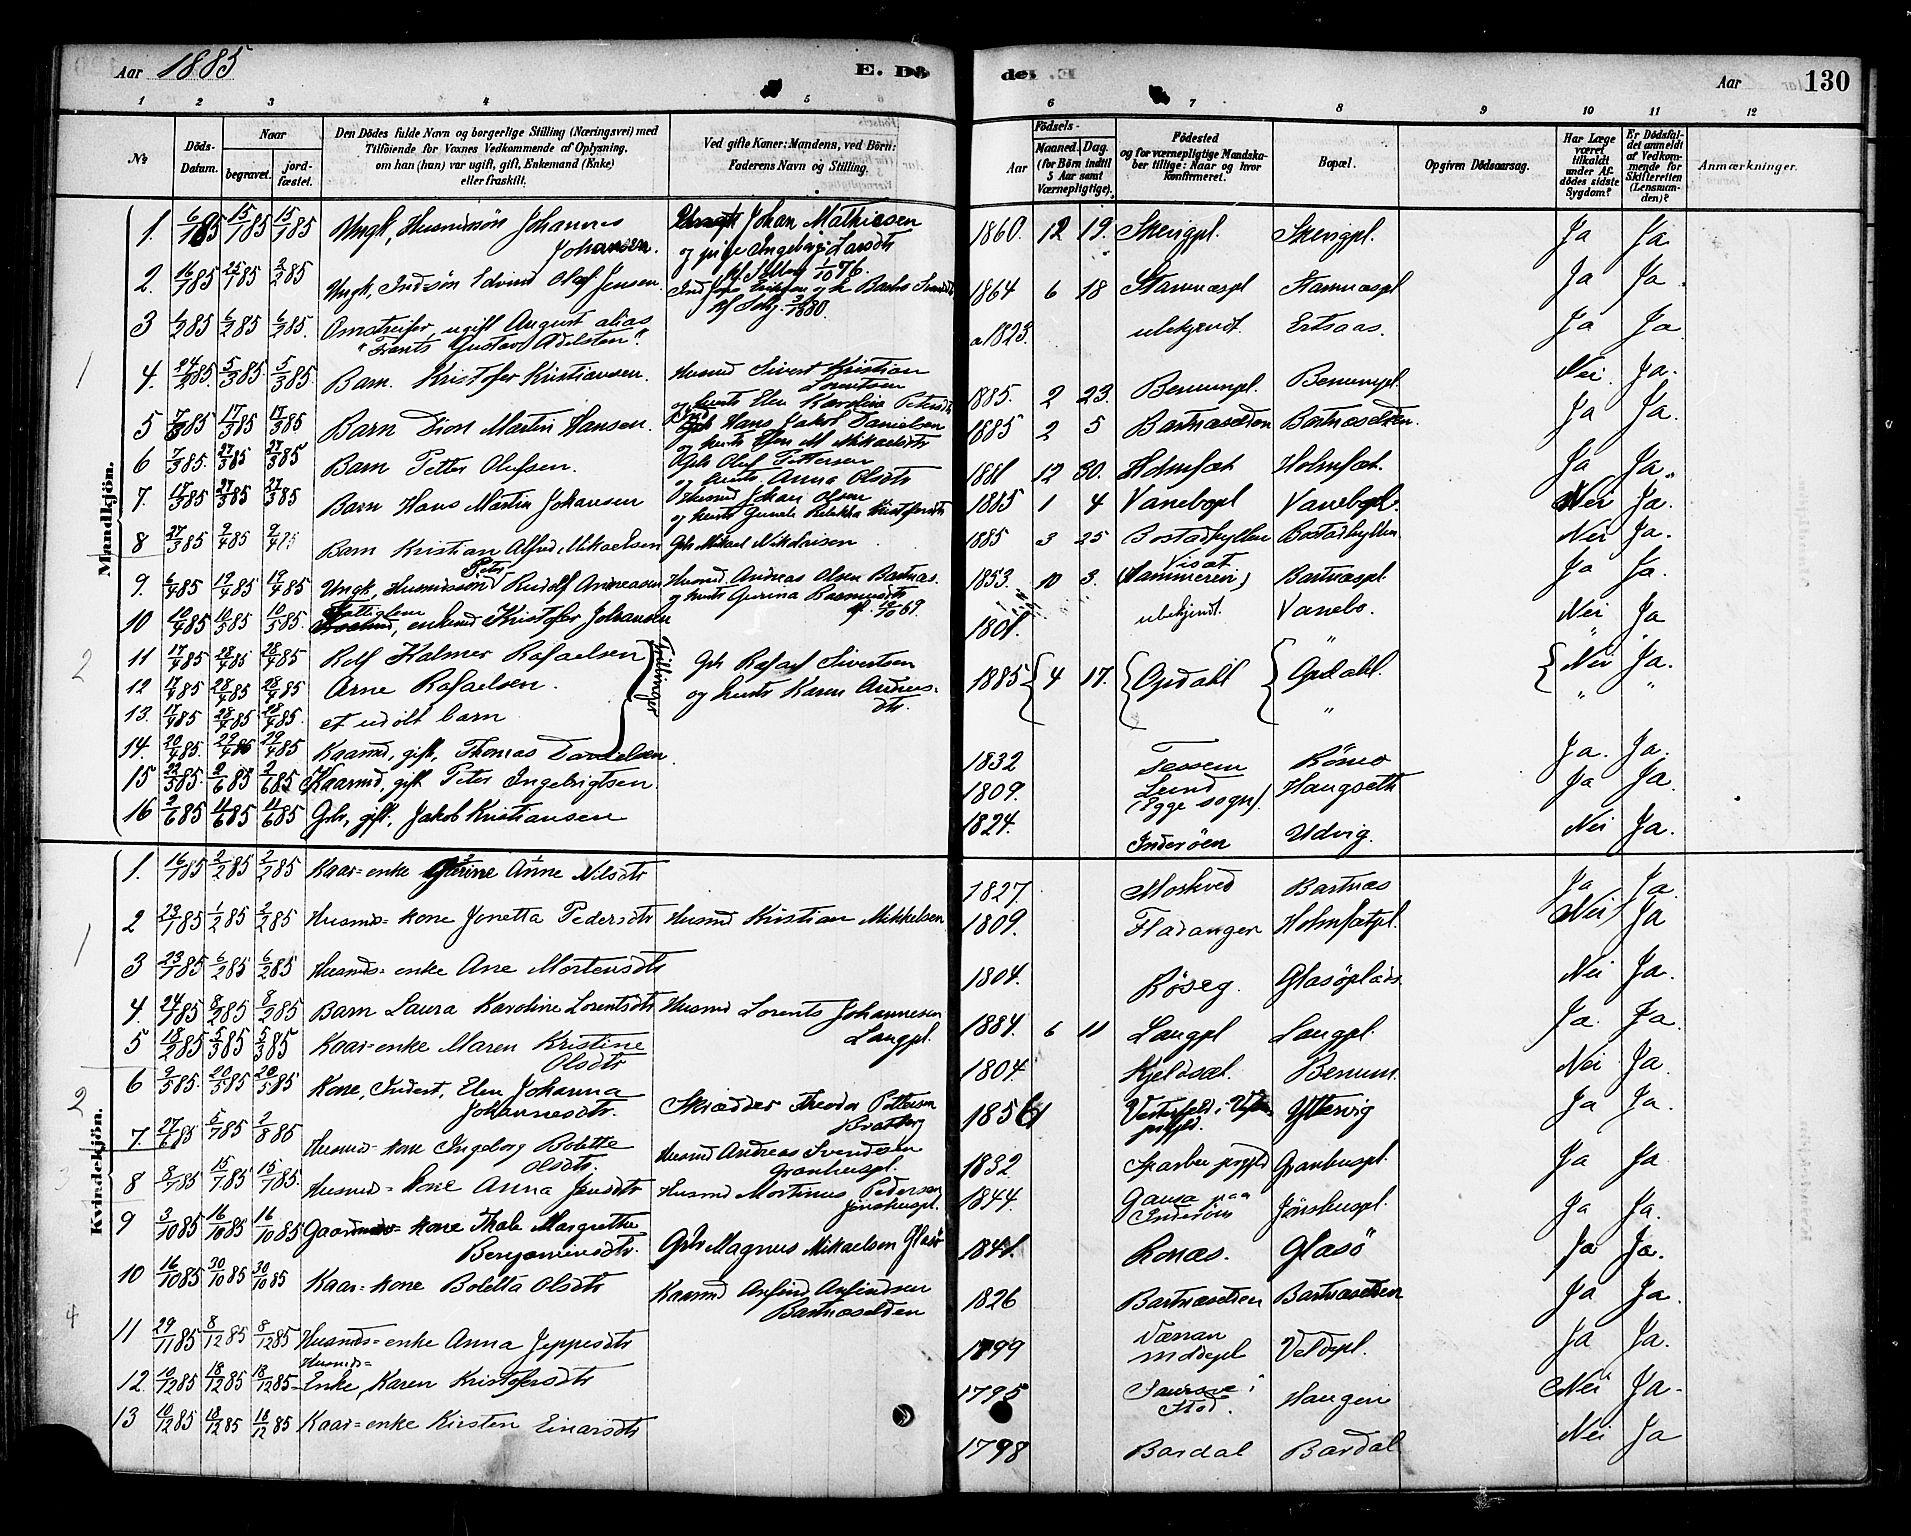 SAT, Ministerialprotokoller, klokkerbøker og fødselsregistre - Nord-Trøndelag, 741/L0395: Ministerialbok nr. 741A09, 1878-1888, s. 130